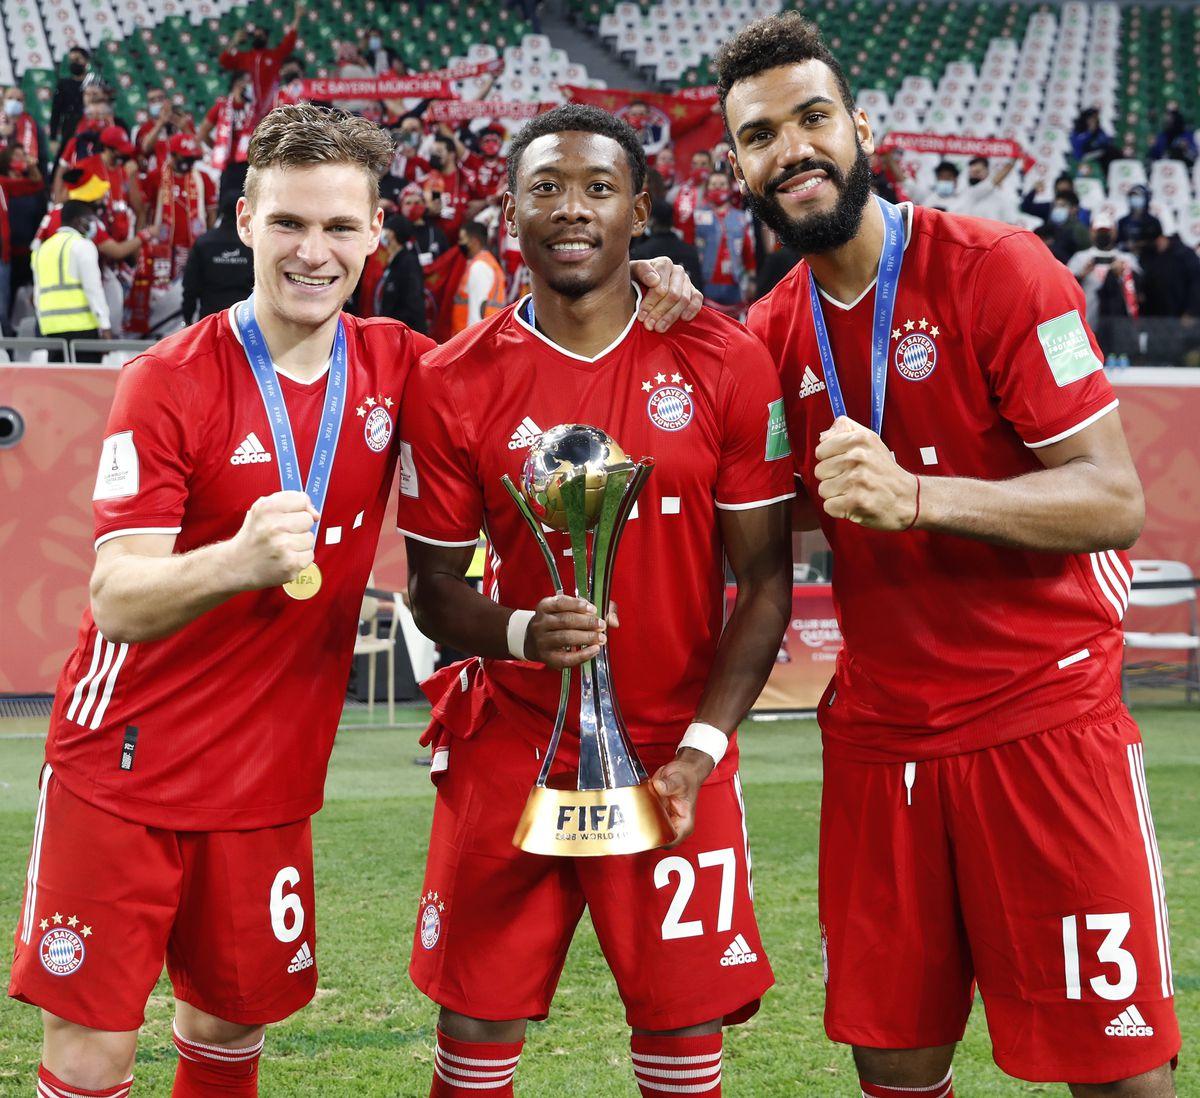 FC Bayern Muenchen v Tigres UANL - FIFA Club World Cup Qatar 2020